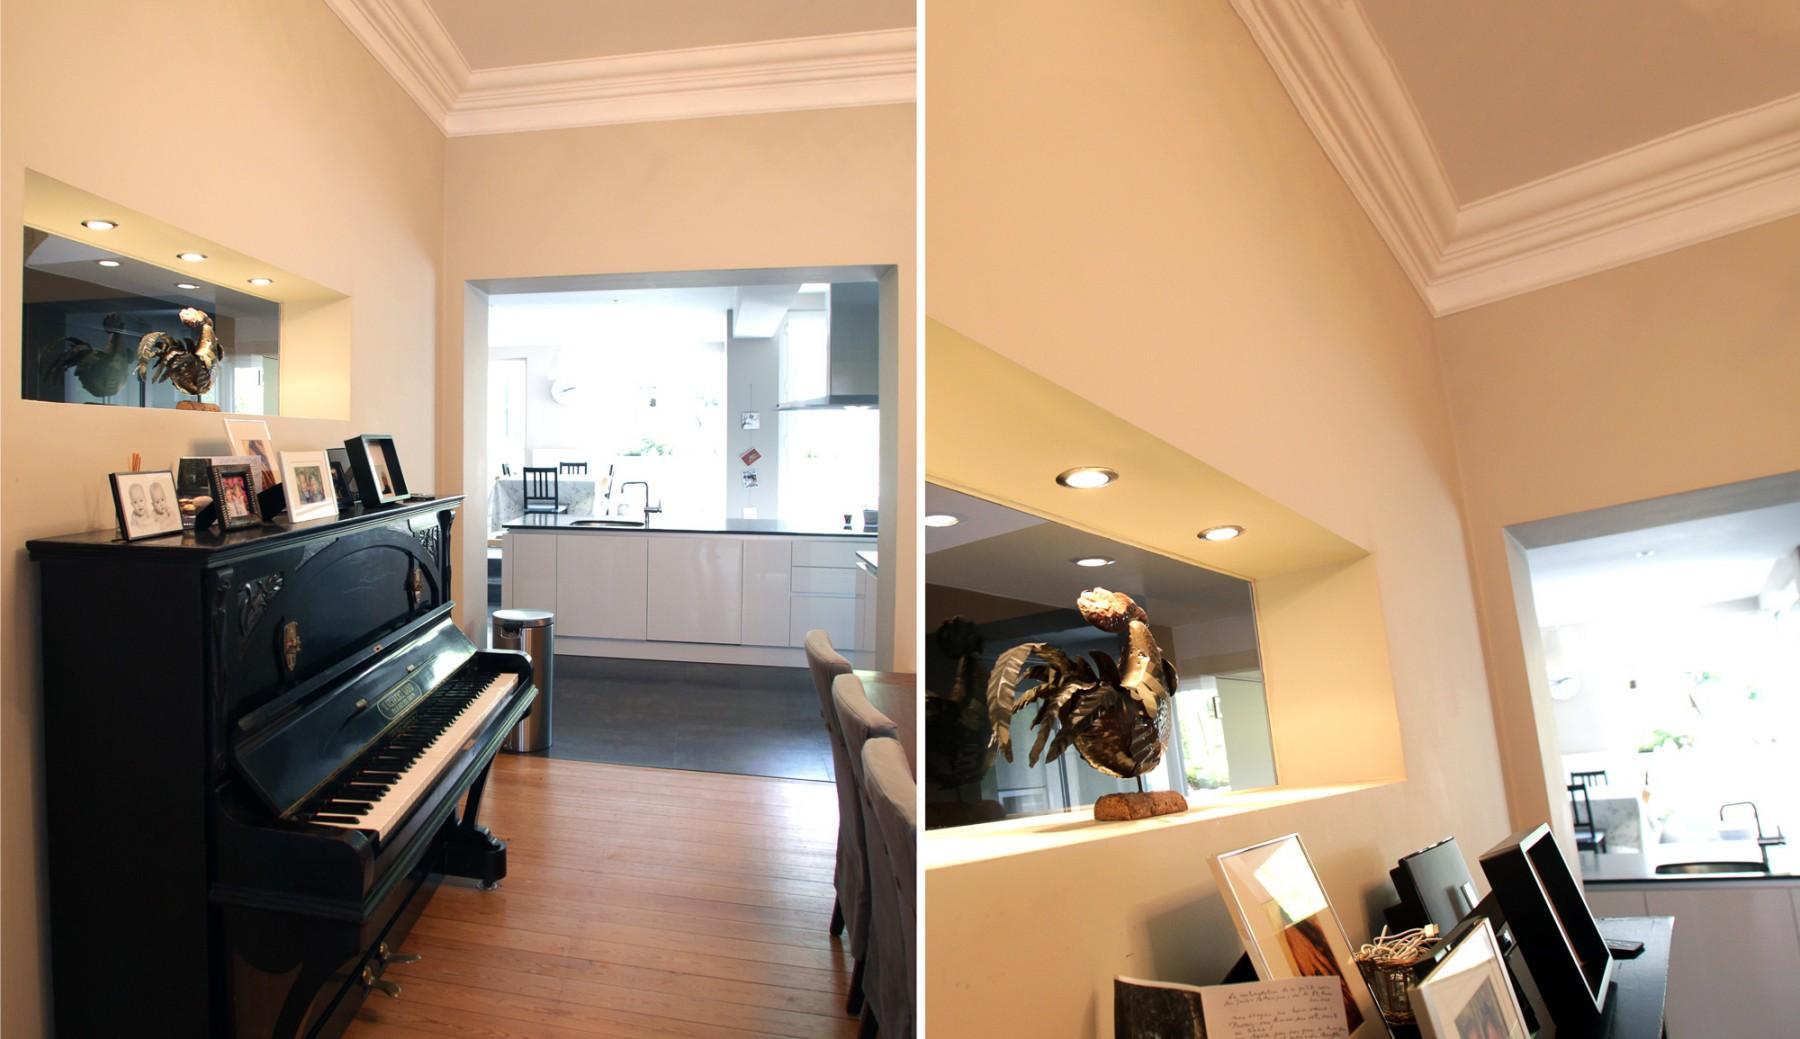 merni 002. Black Bedroom Furniture Sets. Home Design Ideas